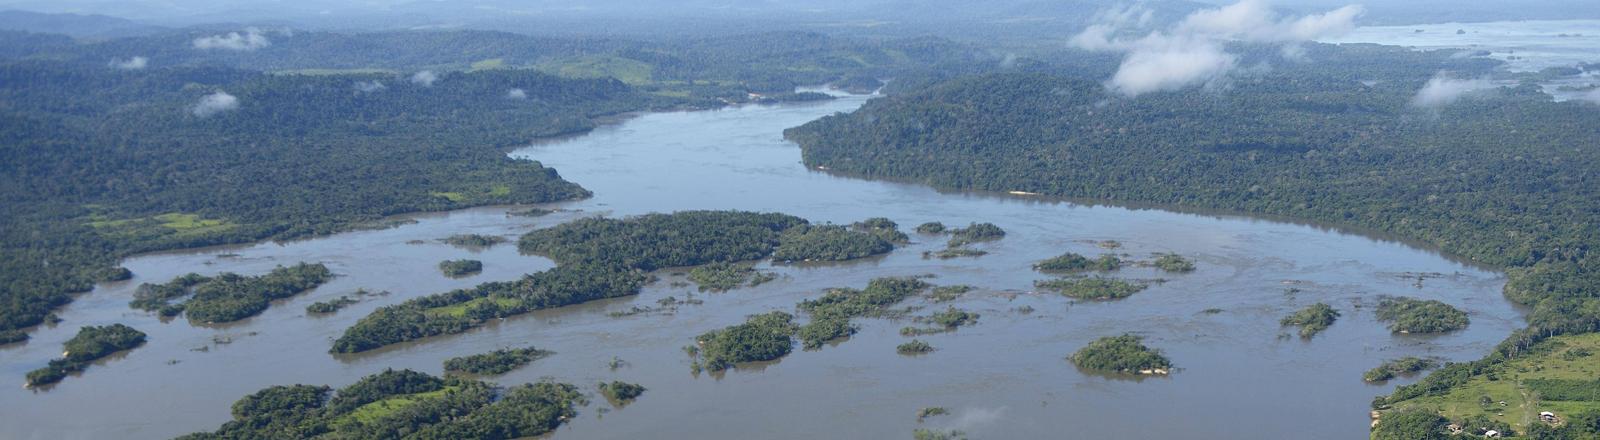 Blick auf den Rio Tapajos im brasilianischen Amazonas-Regenwald